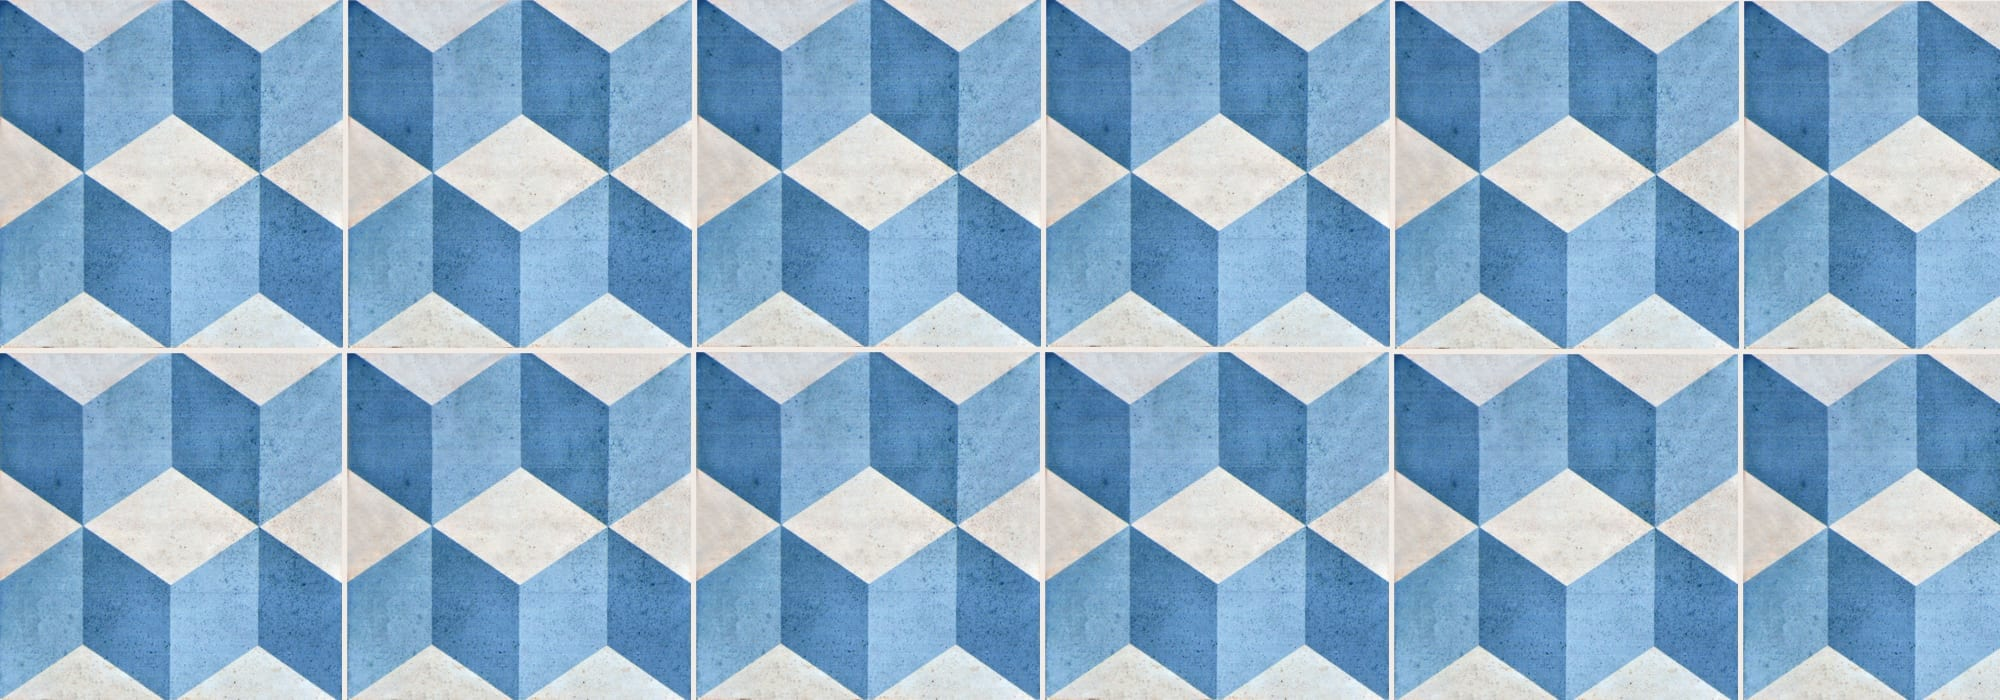 Ceramic tile details